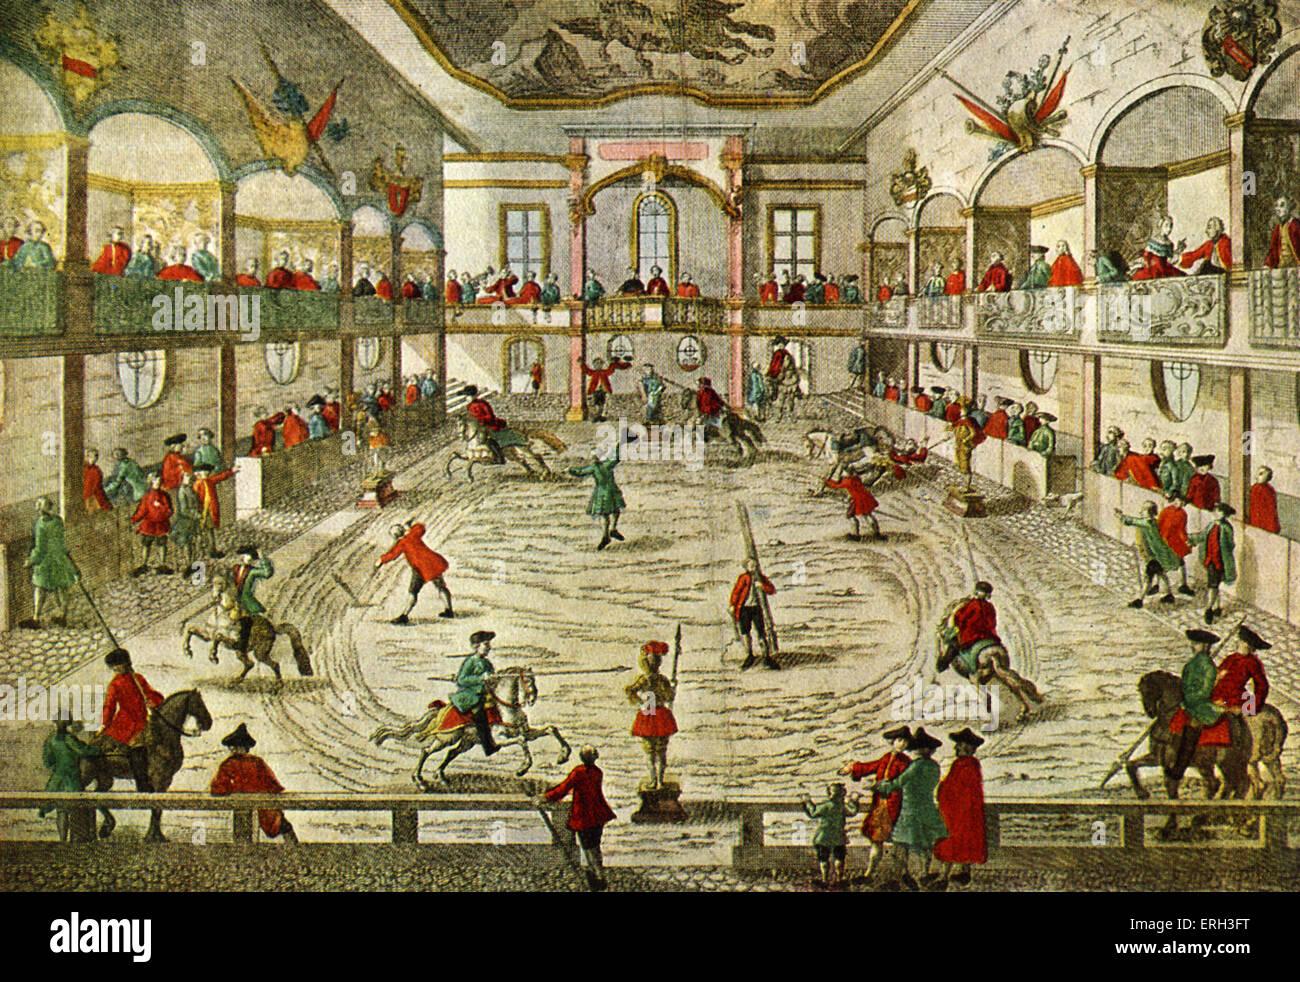 Una escuela de equitación del siglo XVIII, mostrando la transición al circo. ( Caballo práctica está siendo observado). Foto de stock